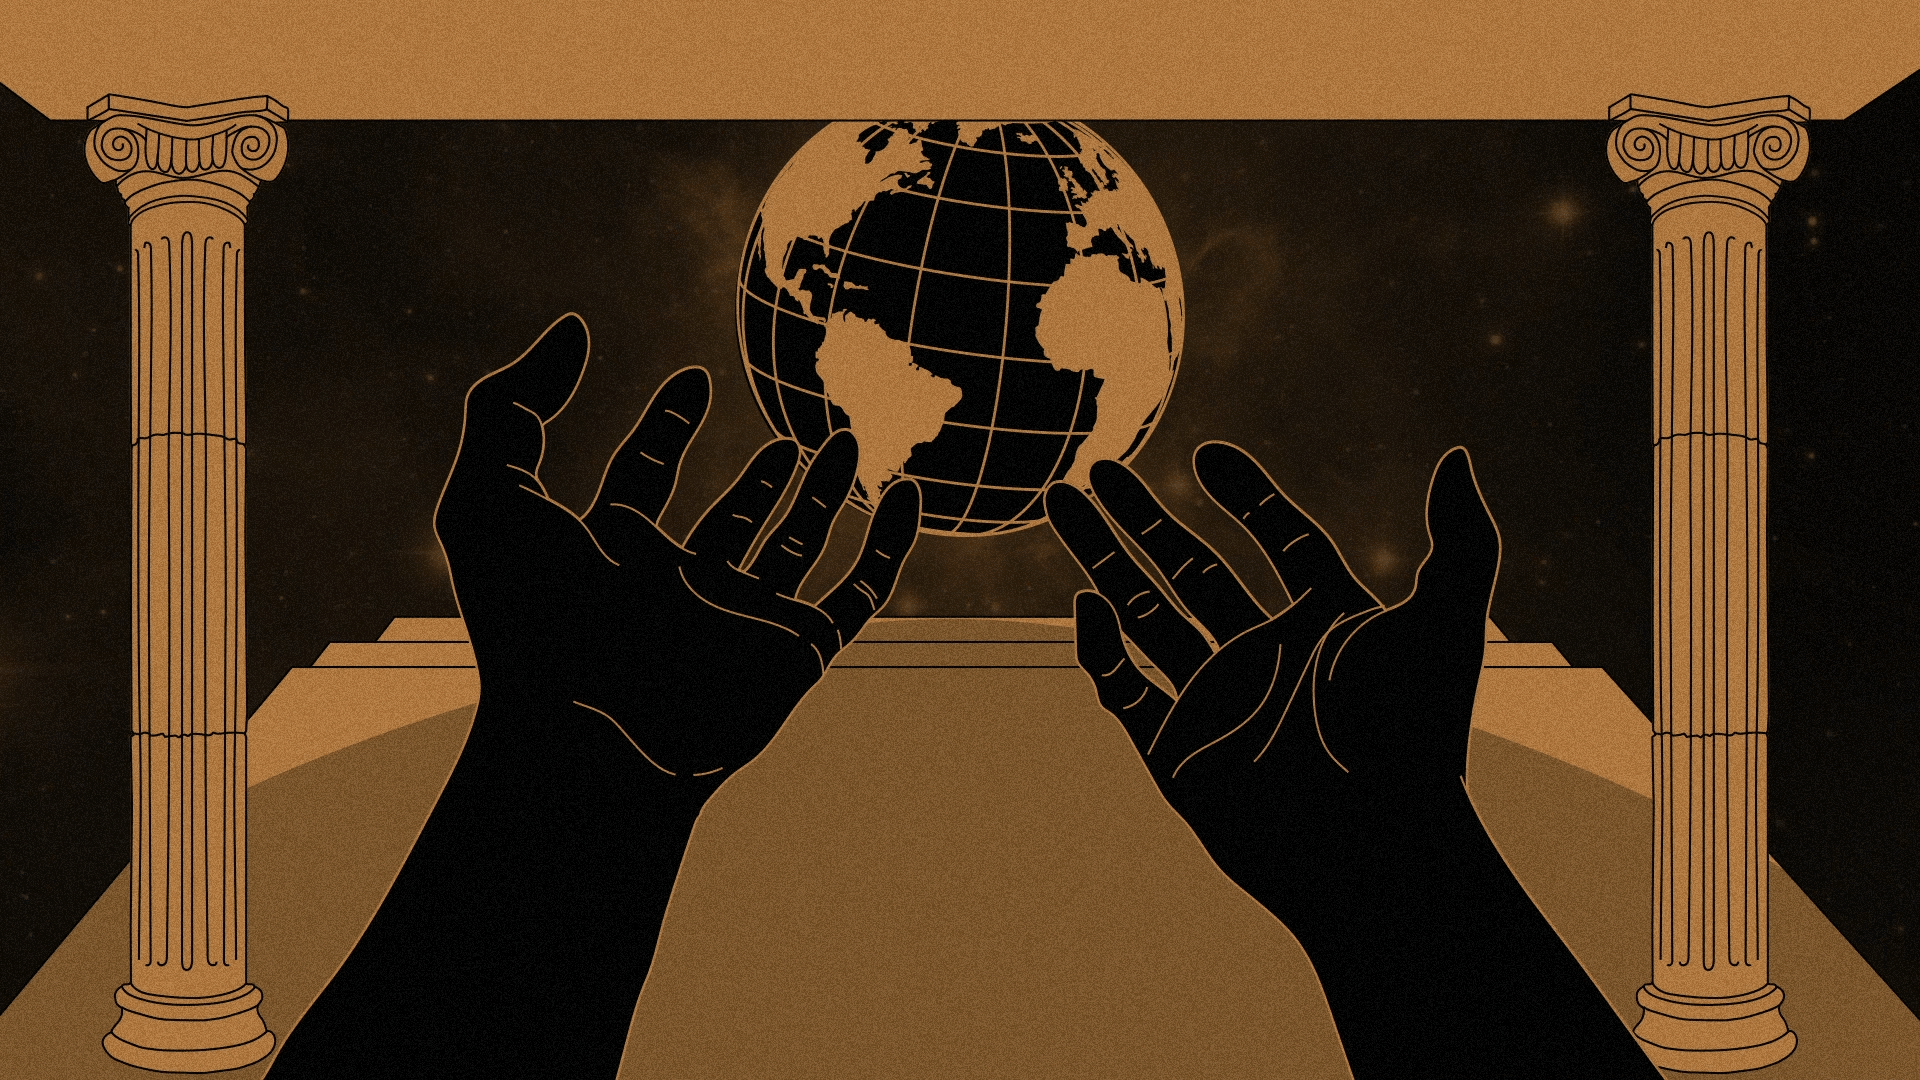 Como ficam as grandes questões da humanidade durante a pandemia